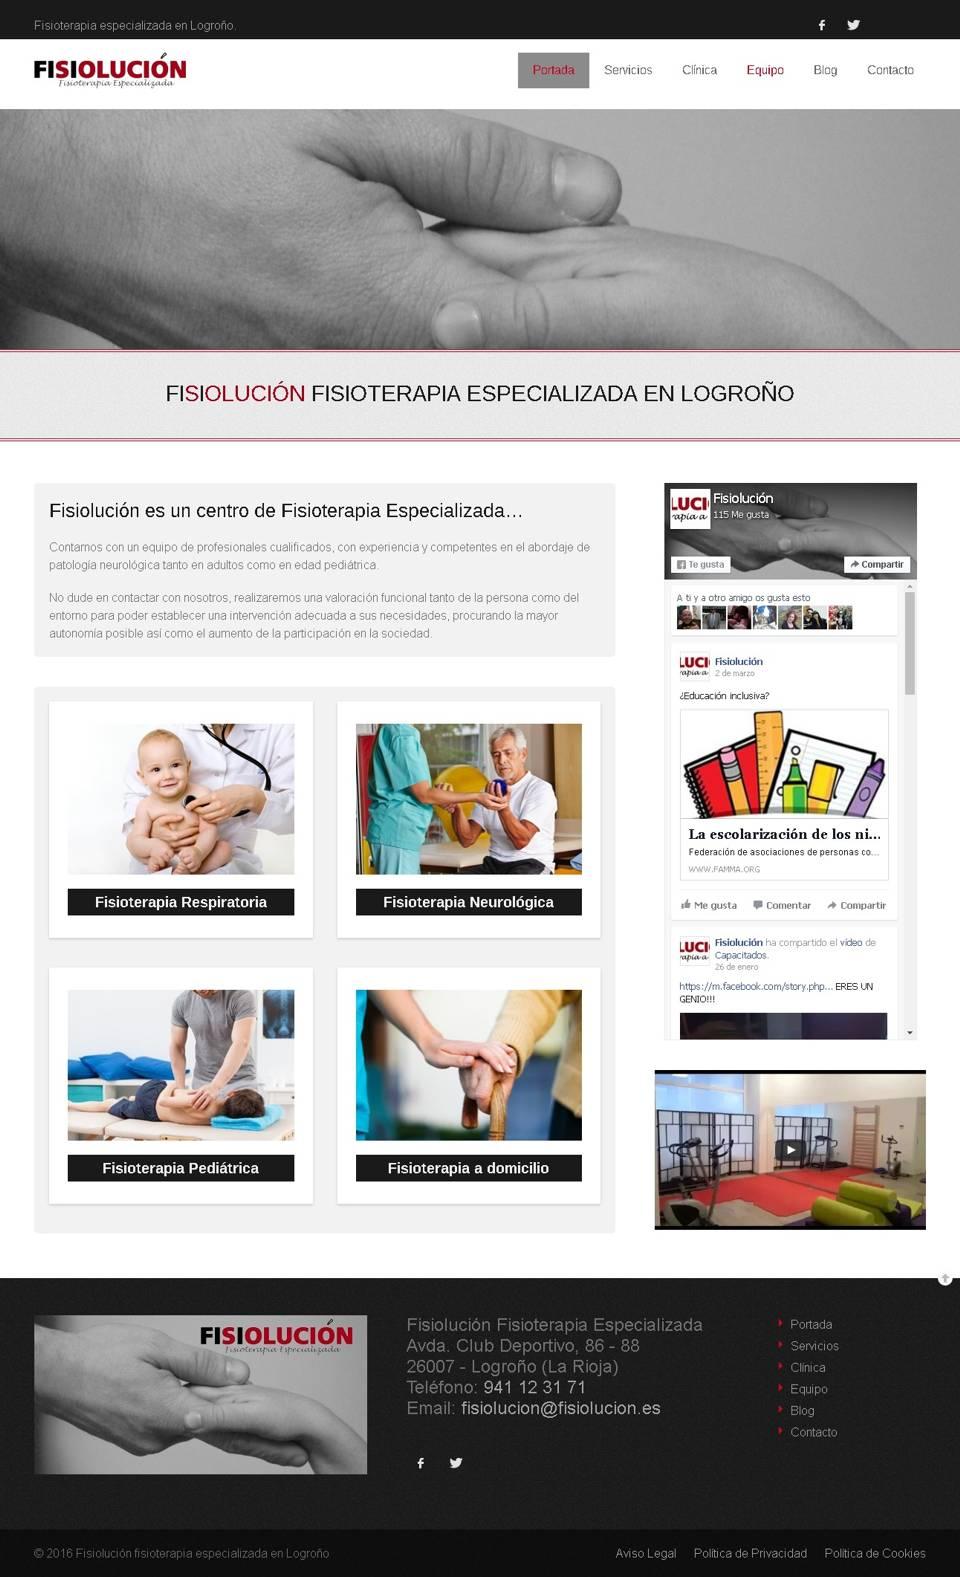 Web Fisiolución